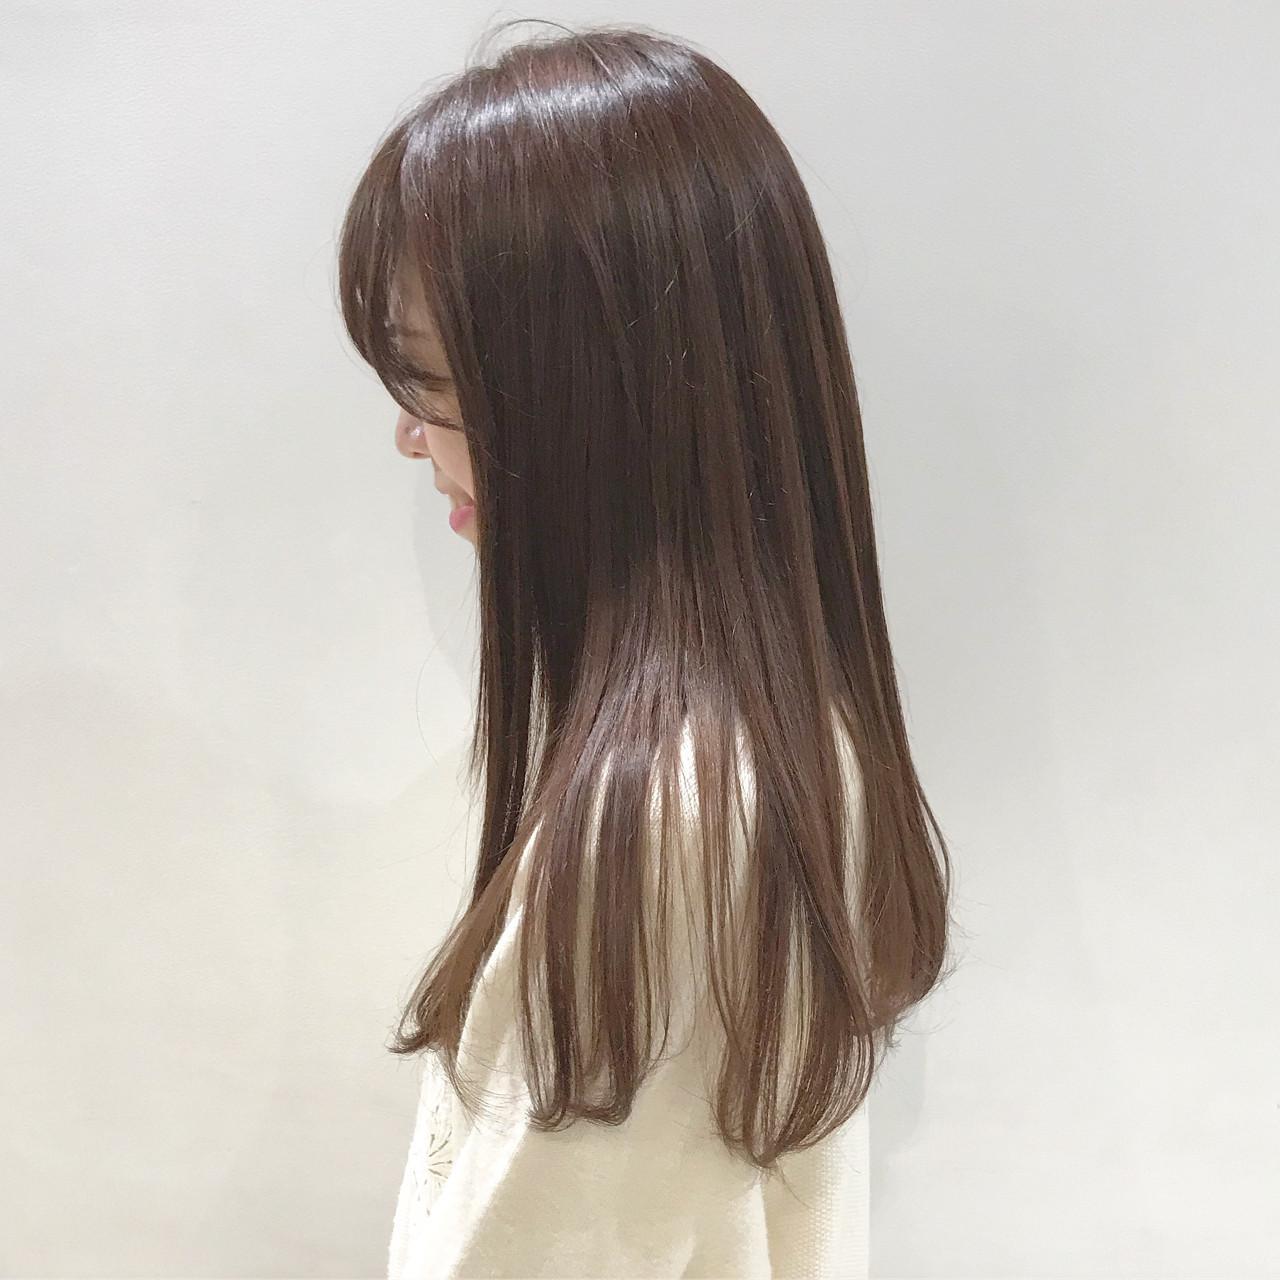 ツヤっぽピンクベージュで大人可愛い髪色に SHUN